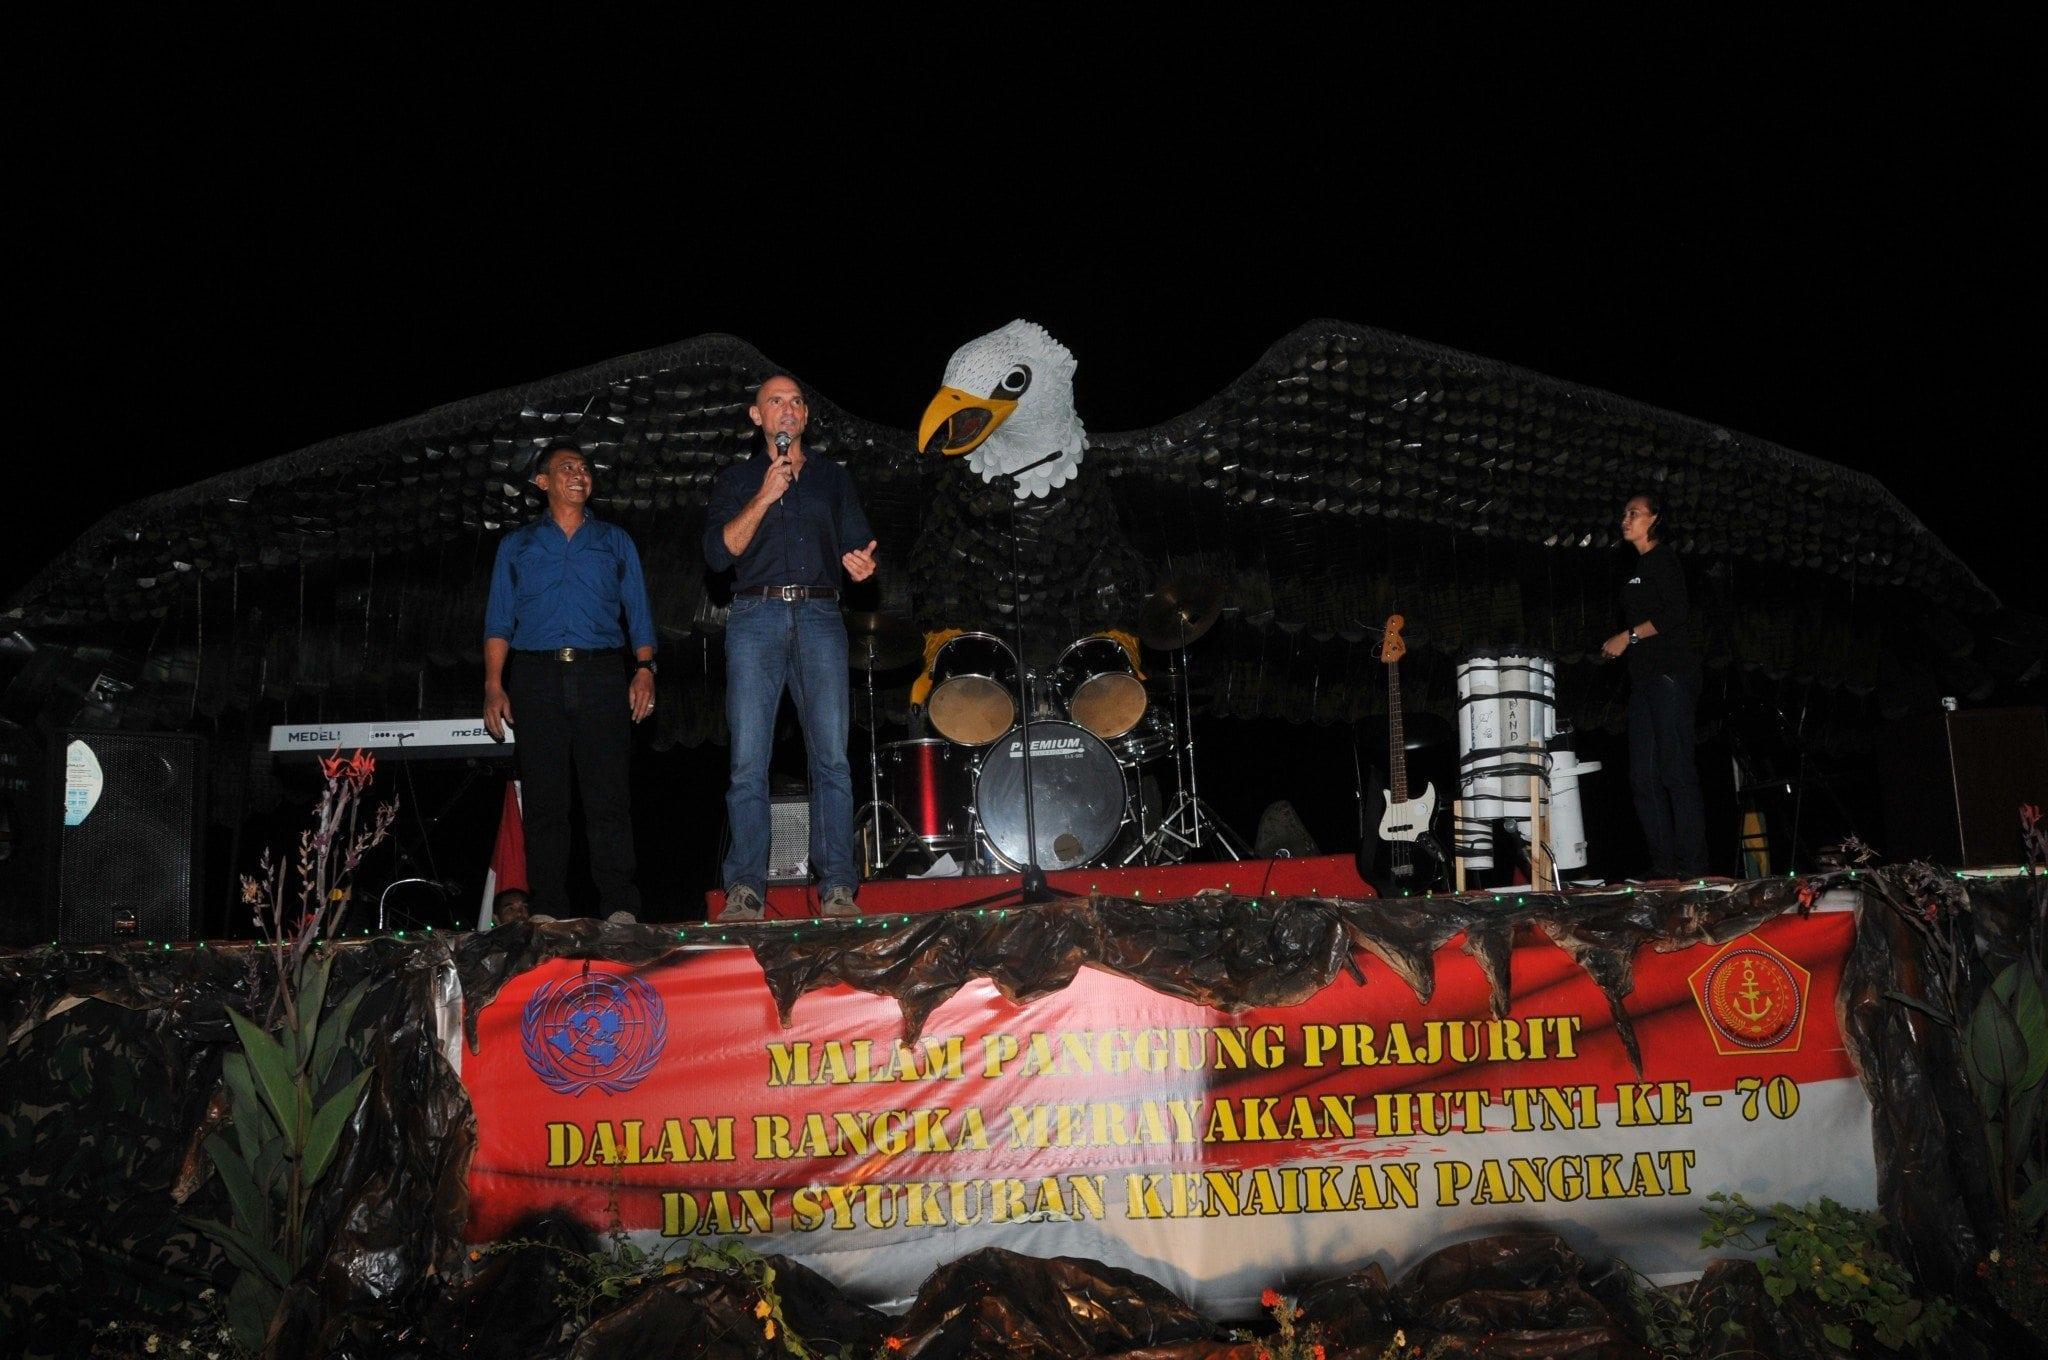 Peringatan HUT TNI Ke-70 Prajurit Kontingen Garuda Di Lebanon Gelar Acara Syukuran Dan Malam Panggung Prajurit